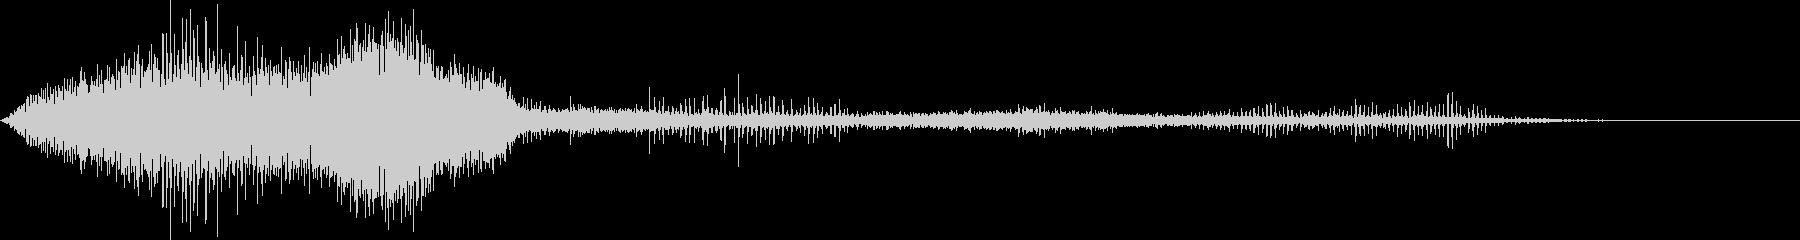 アパッチヘリコプターパスオーバーヘ...の未再生の波形